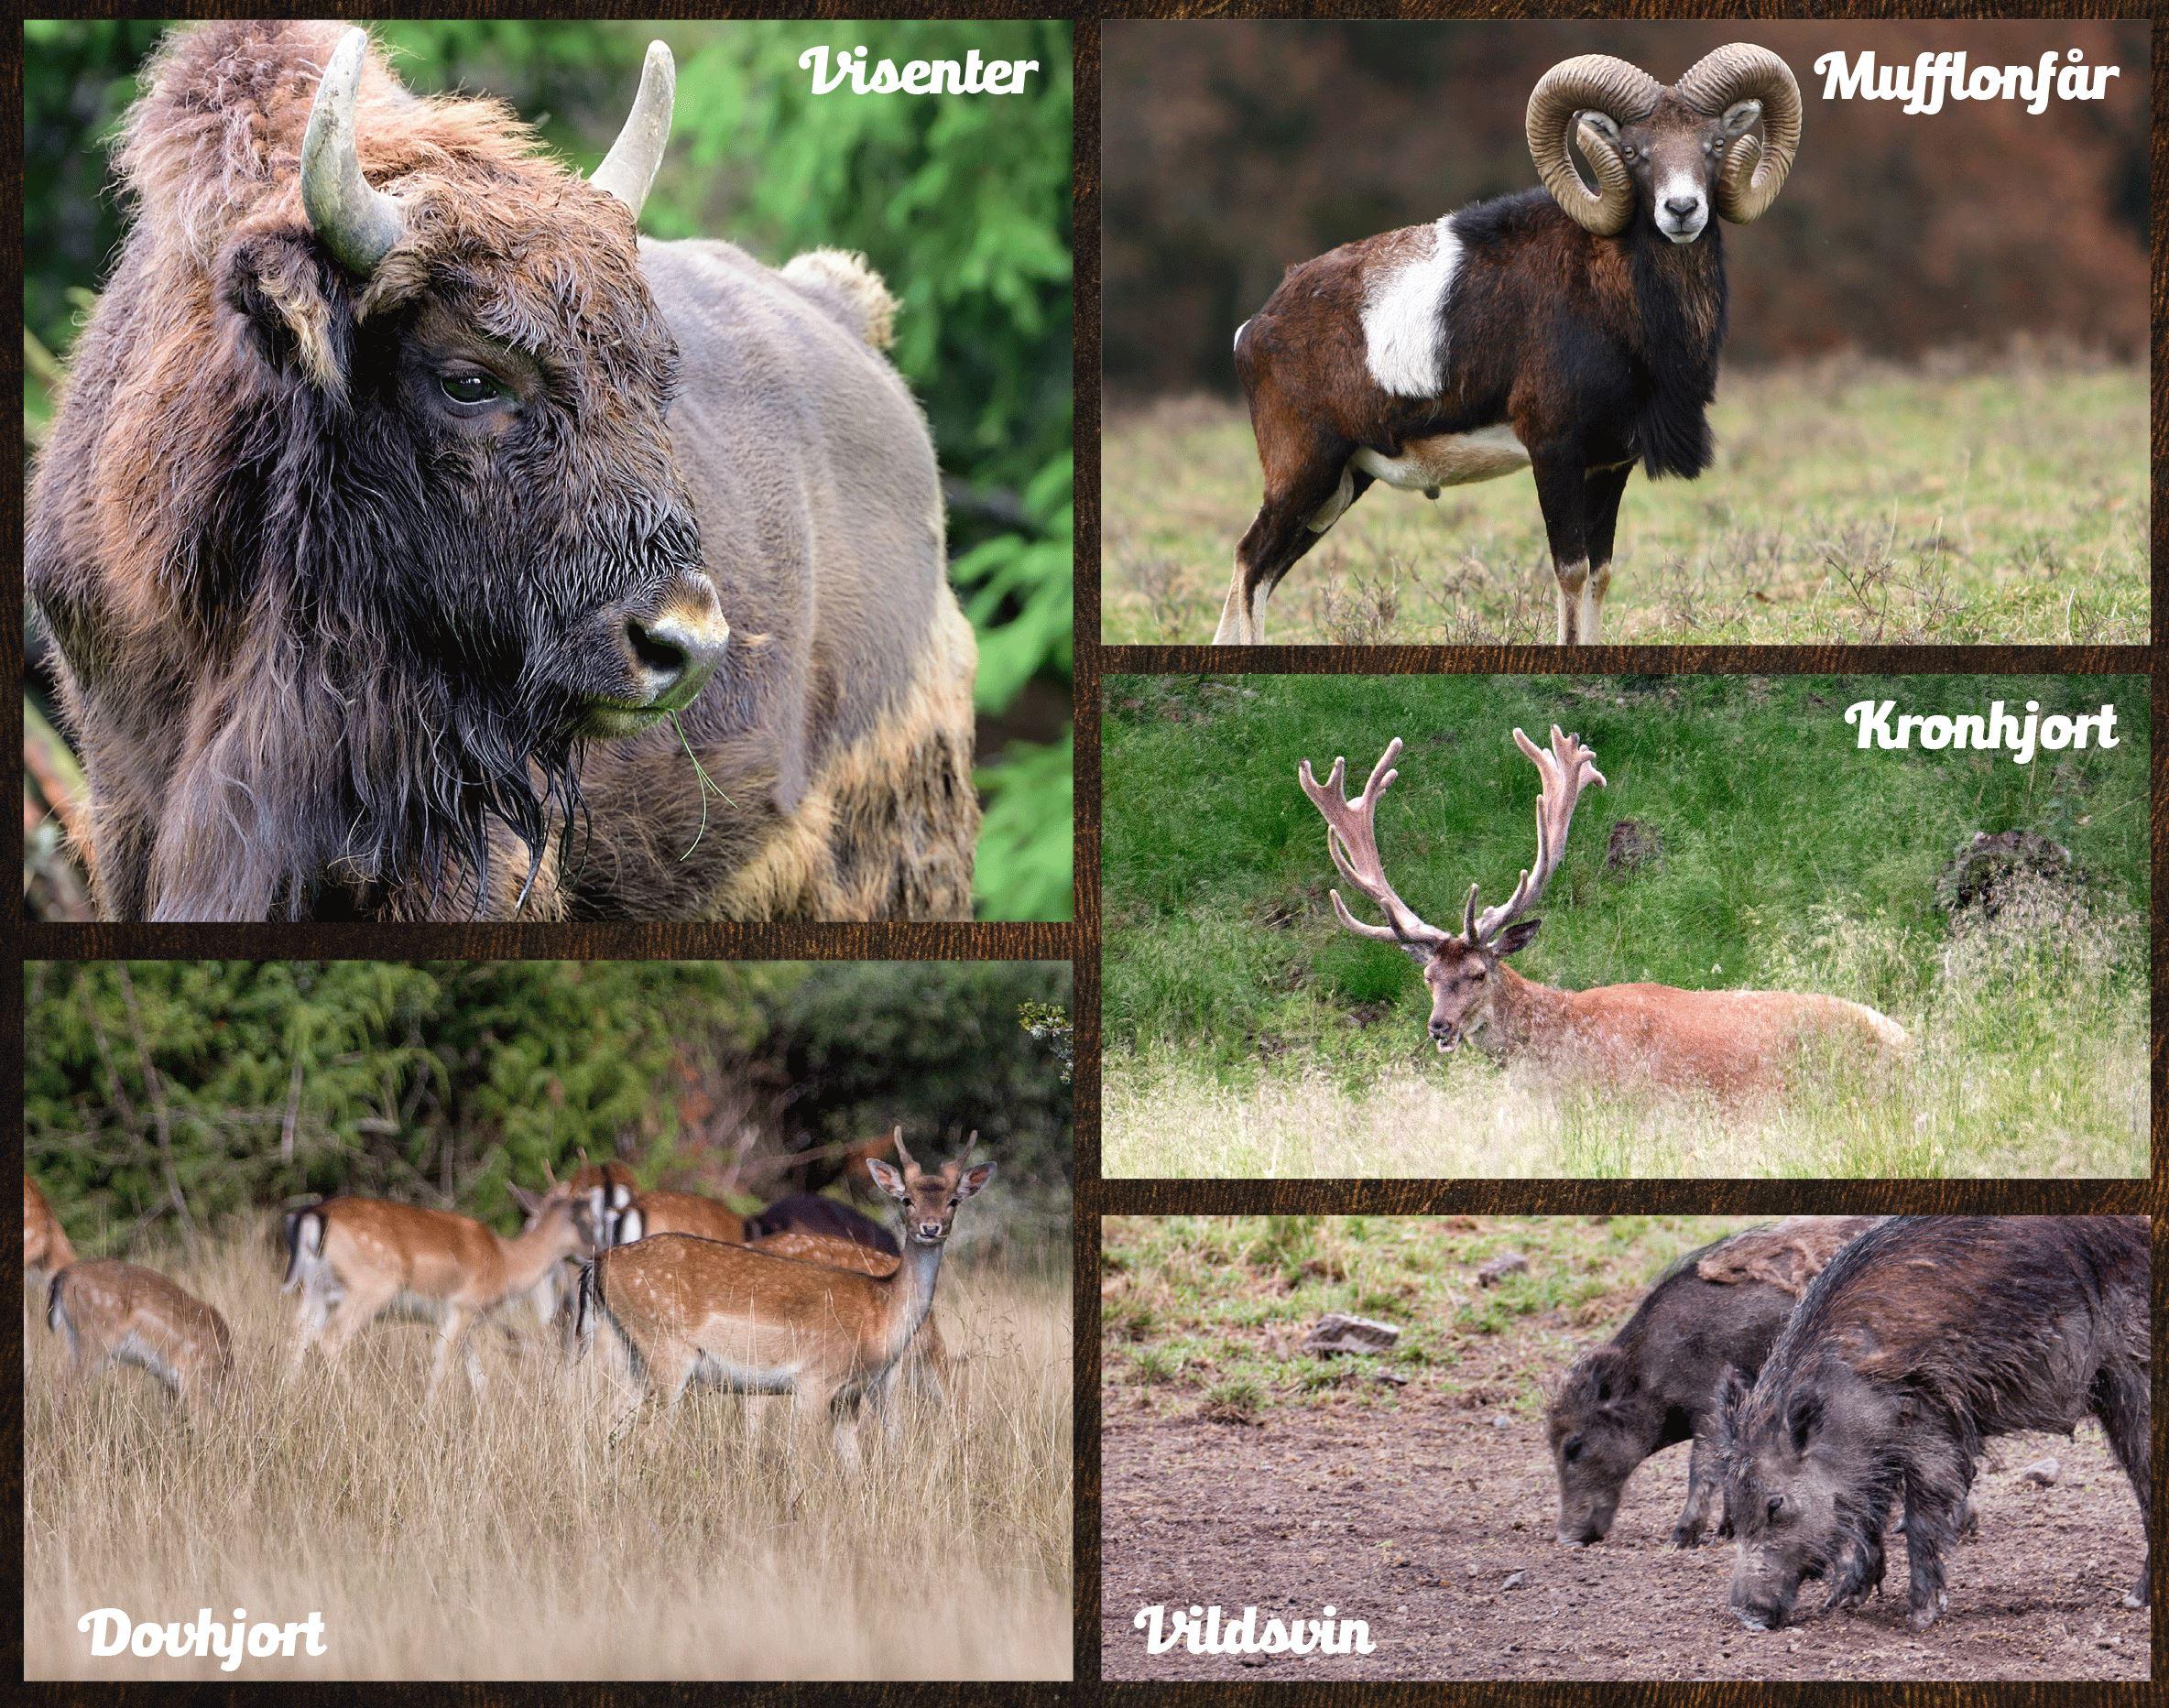 Invigning av Kosta Safaripark